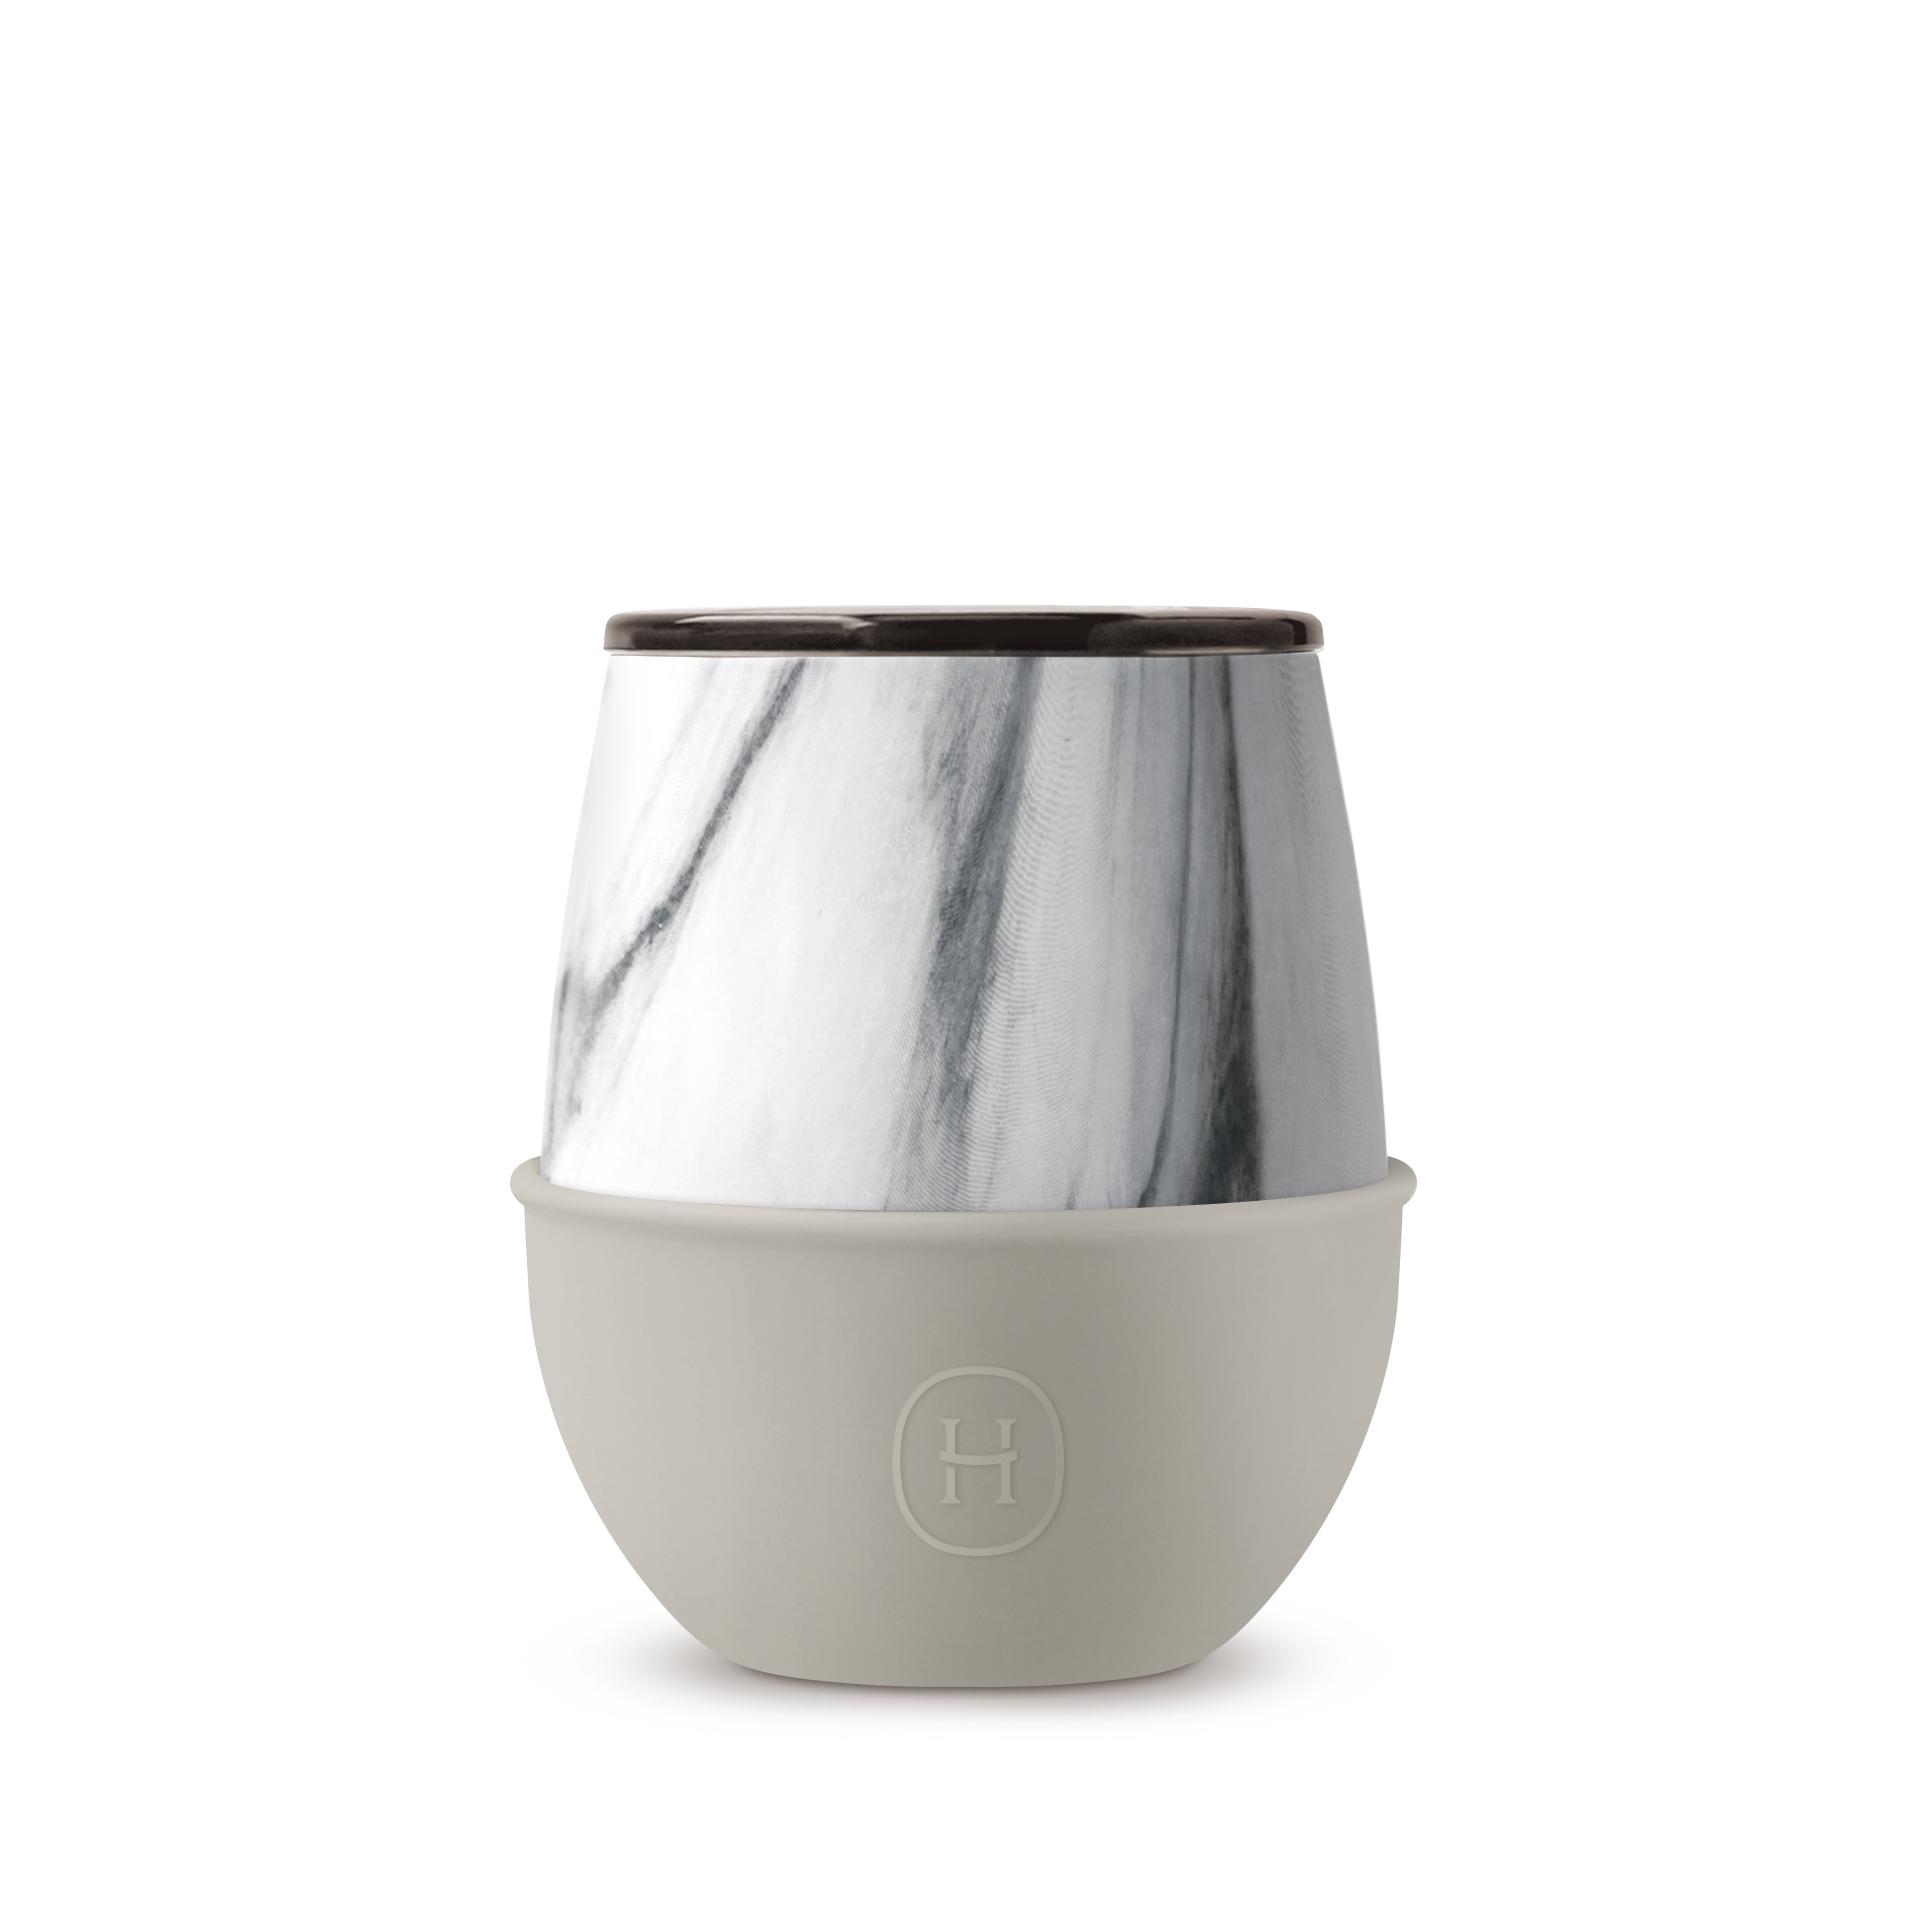 美國 HYDY Delicia 大理石紋雙層隨行保溫杯 蛋型杯 尤加利 240ml